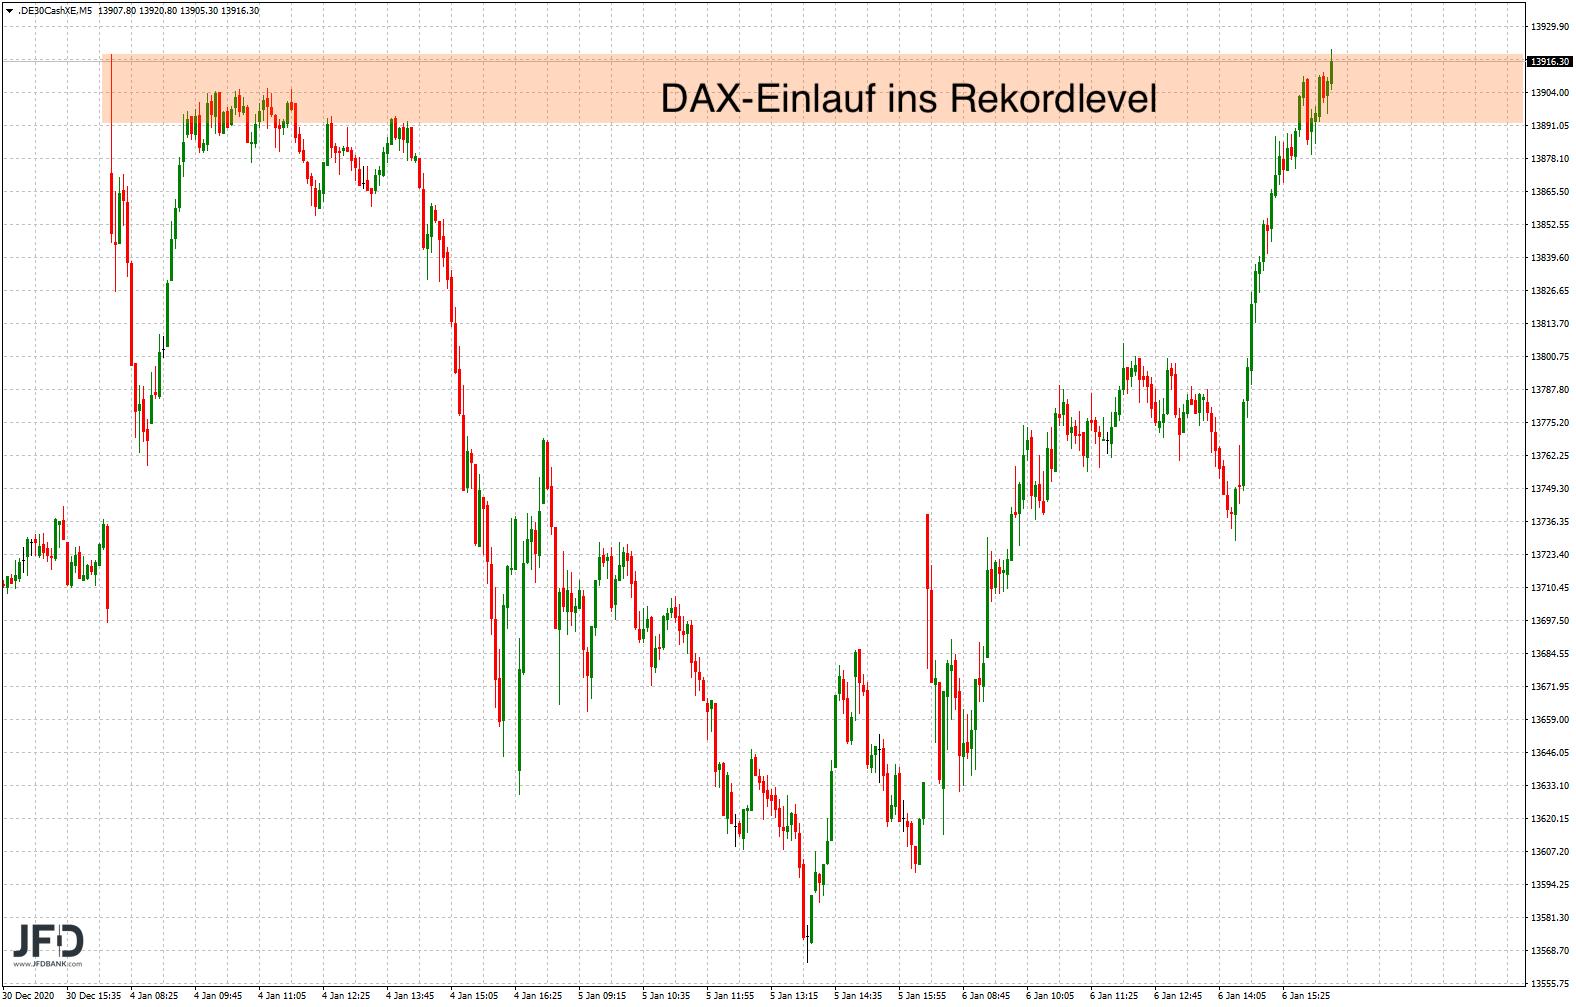 Rekordlevel im DAX erreicht